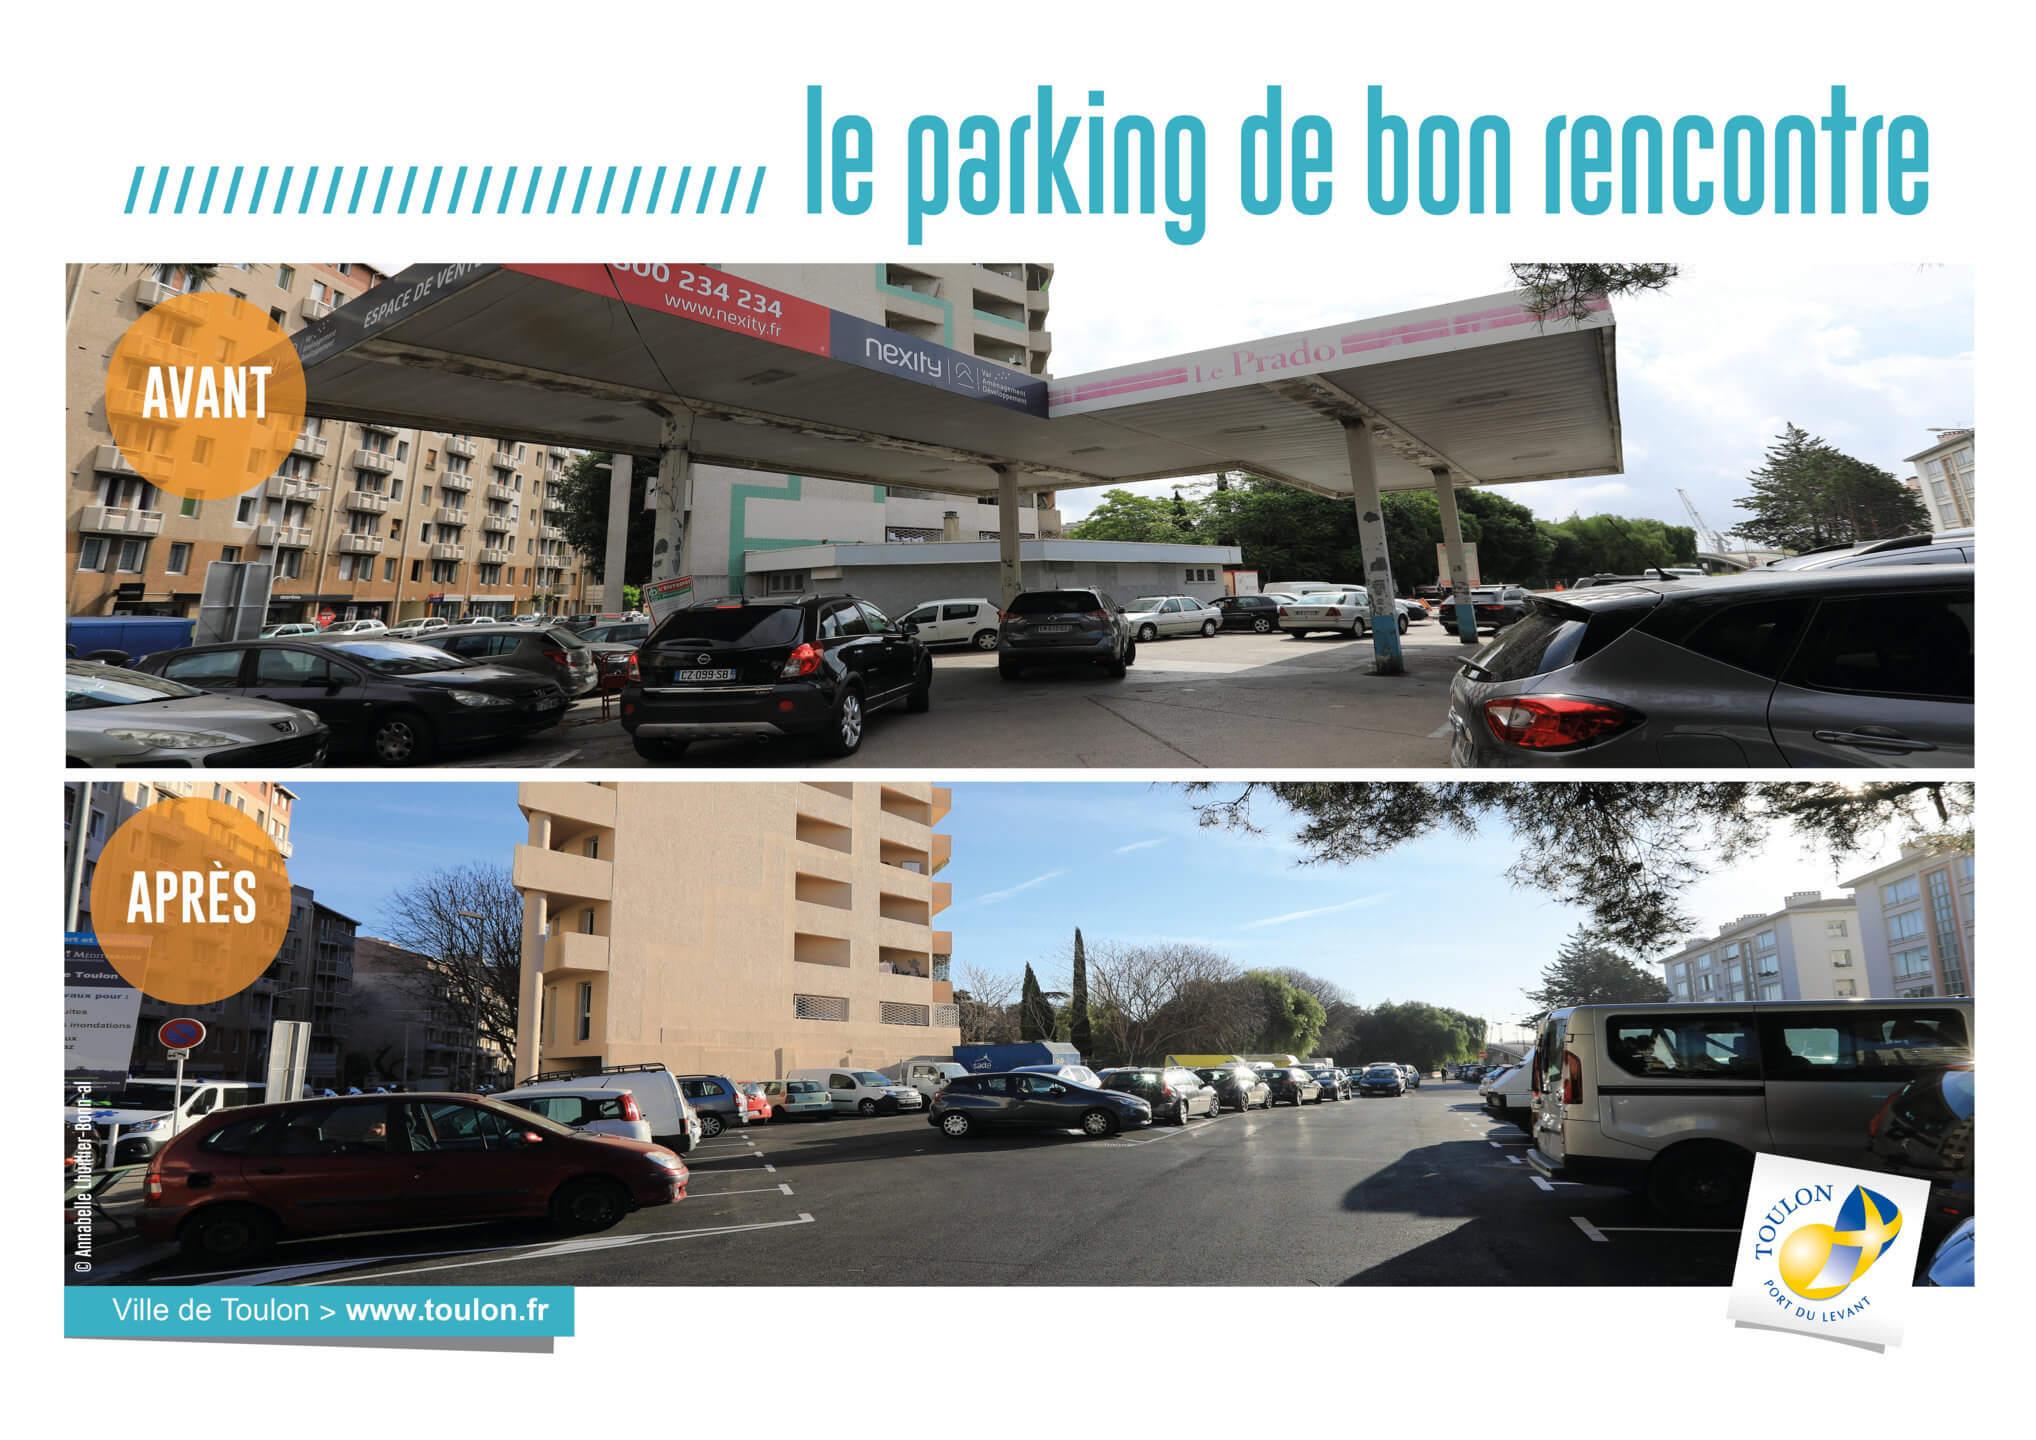 Le parking de bon rencontre